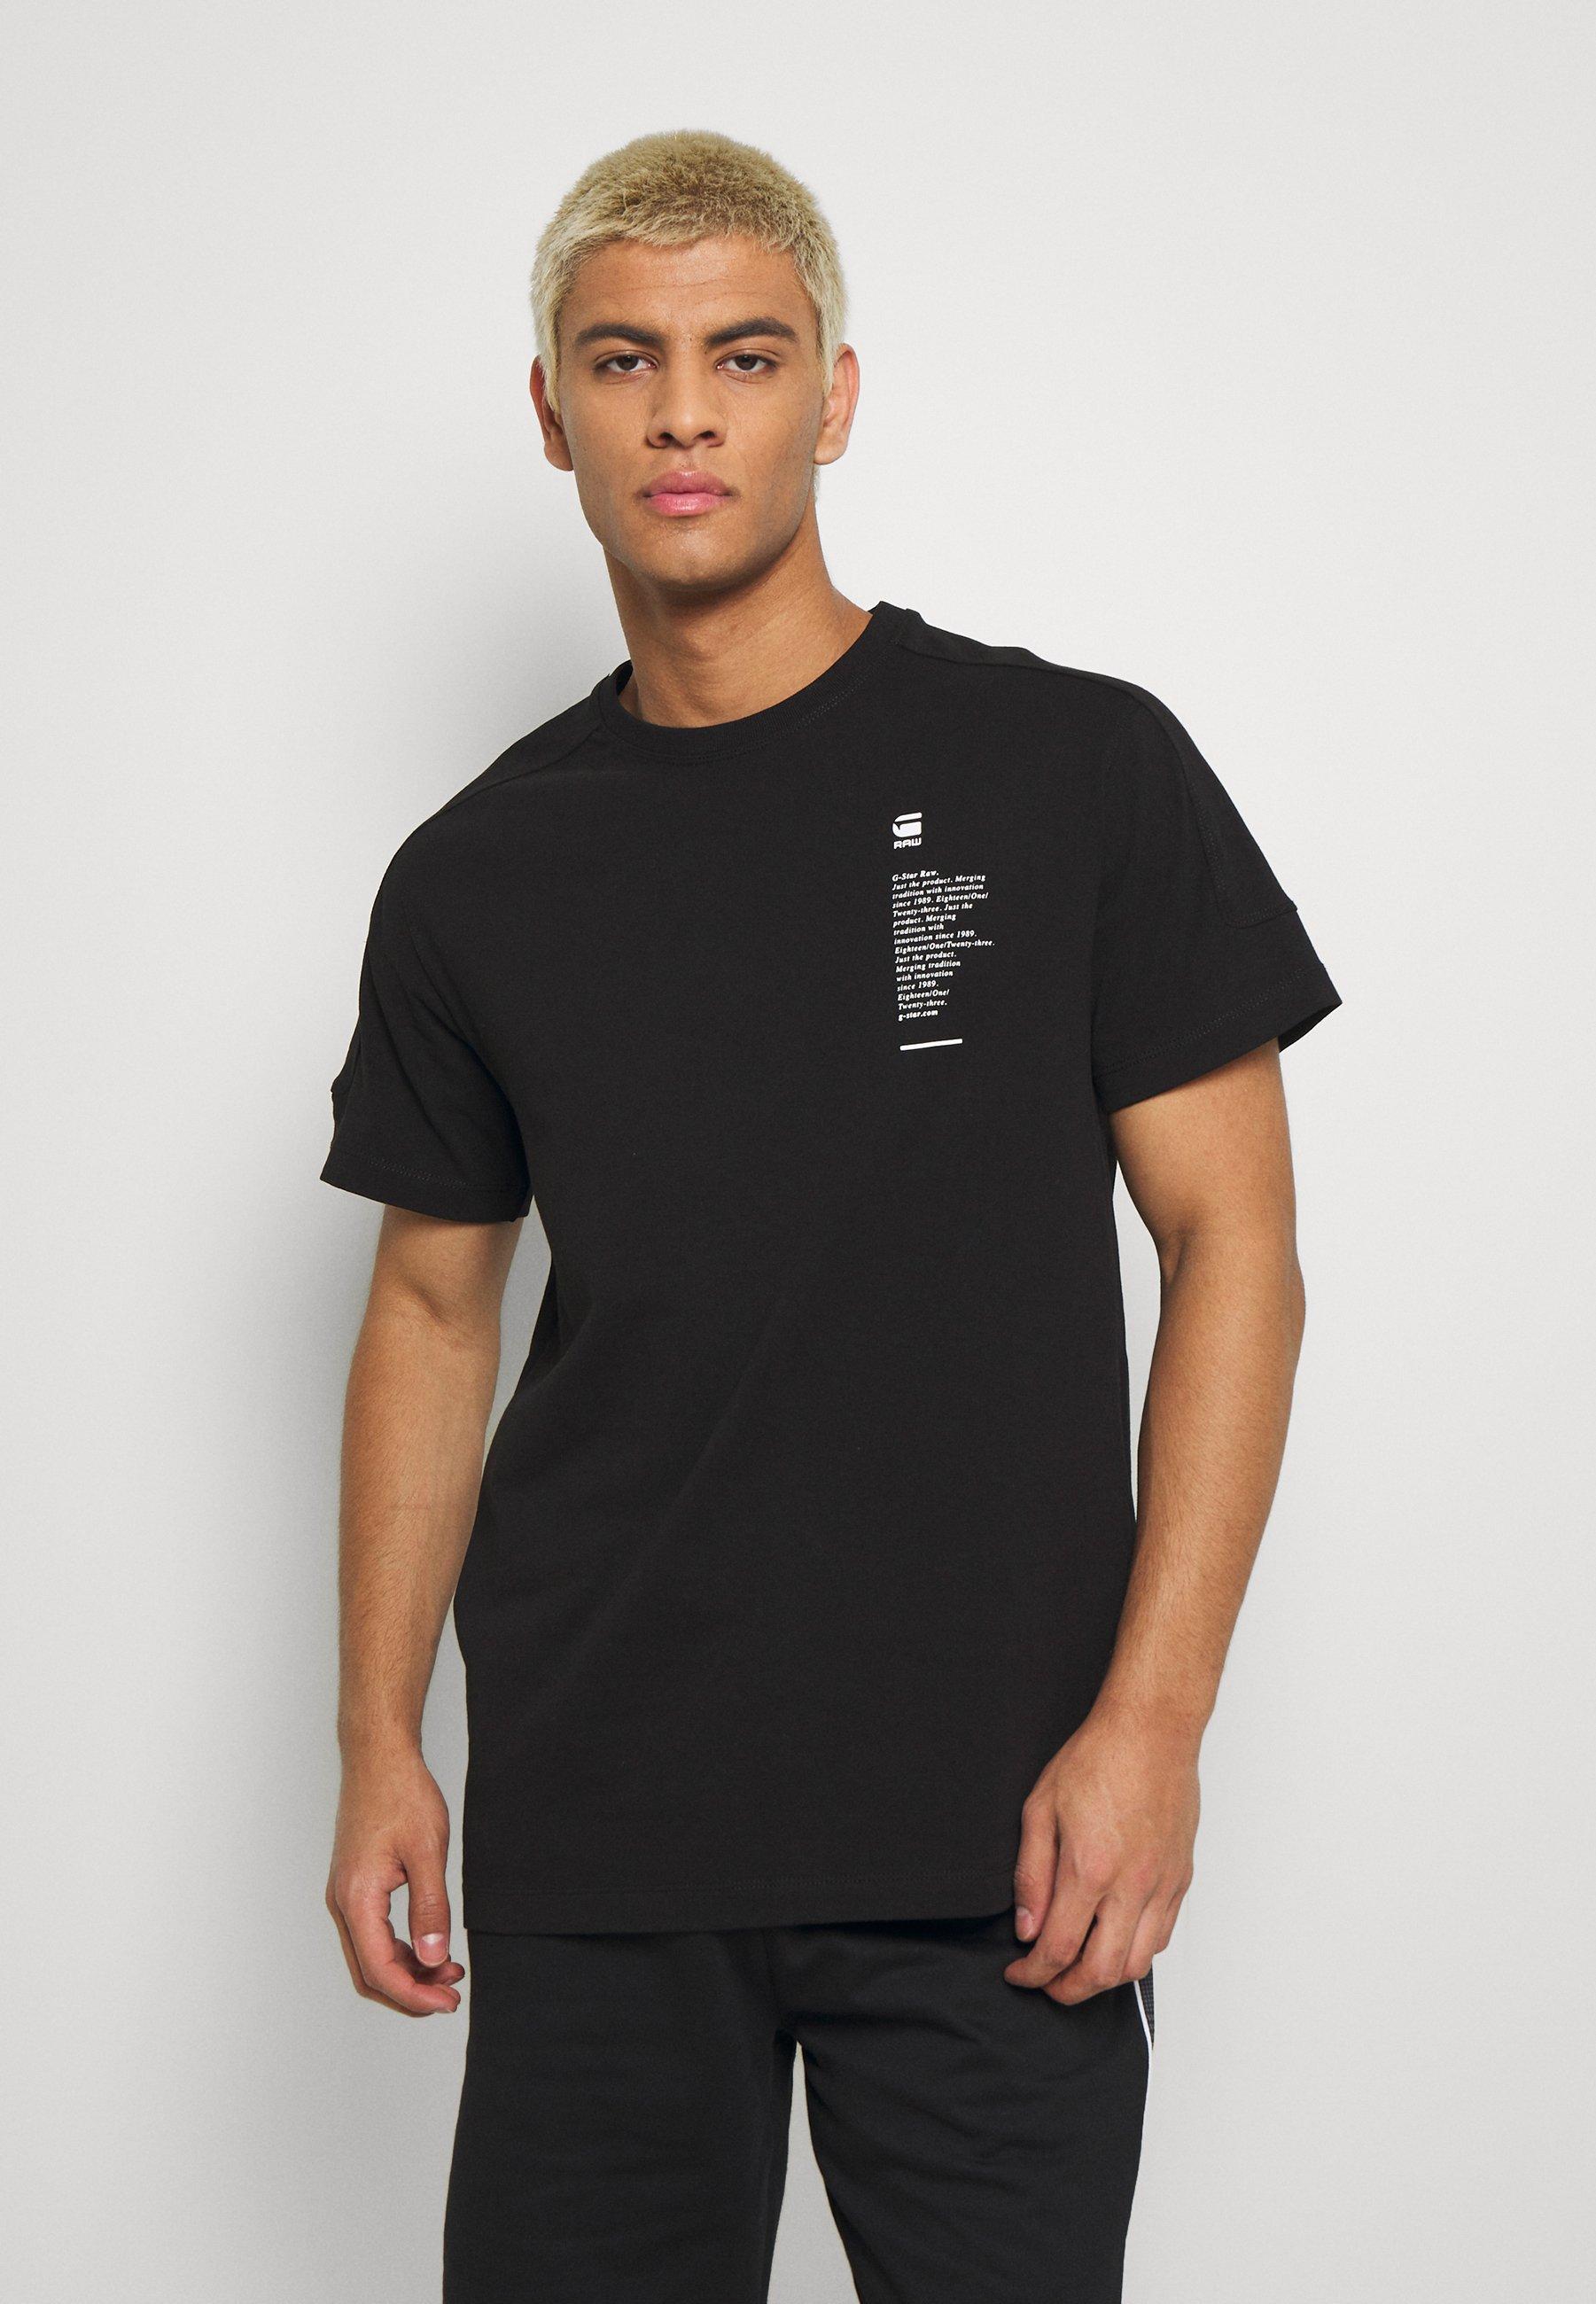 KORPAZ LOGOS GR T Shirt print black